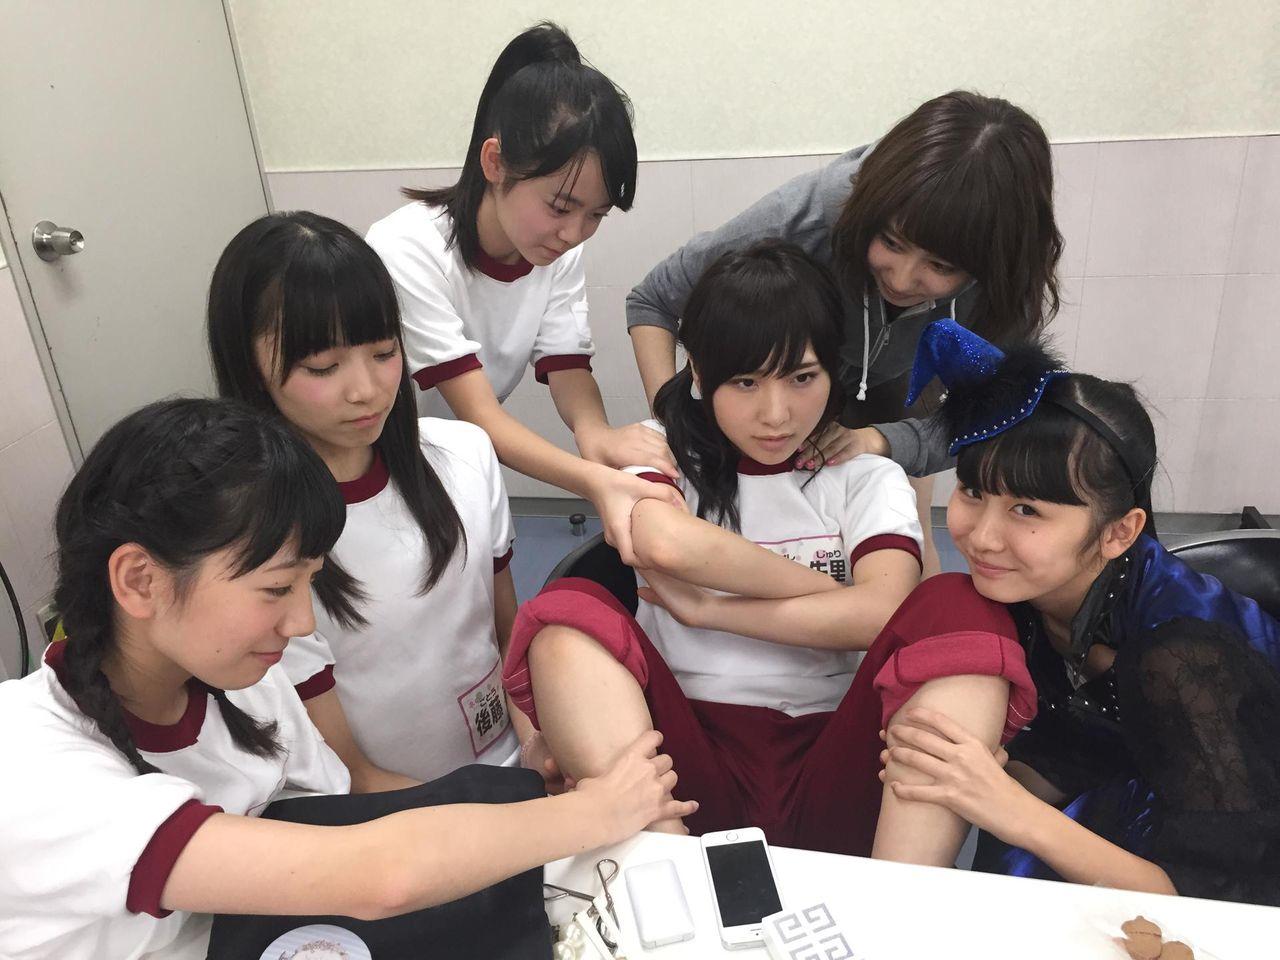 takahashi juri sits down